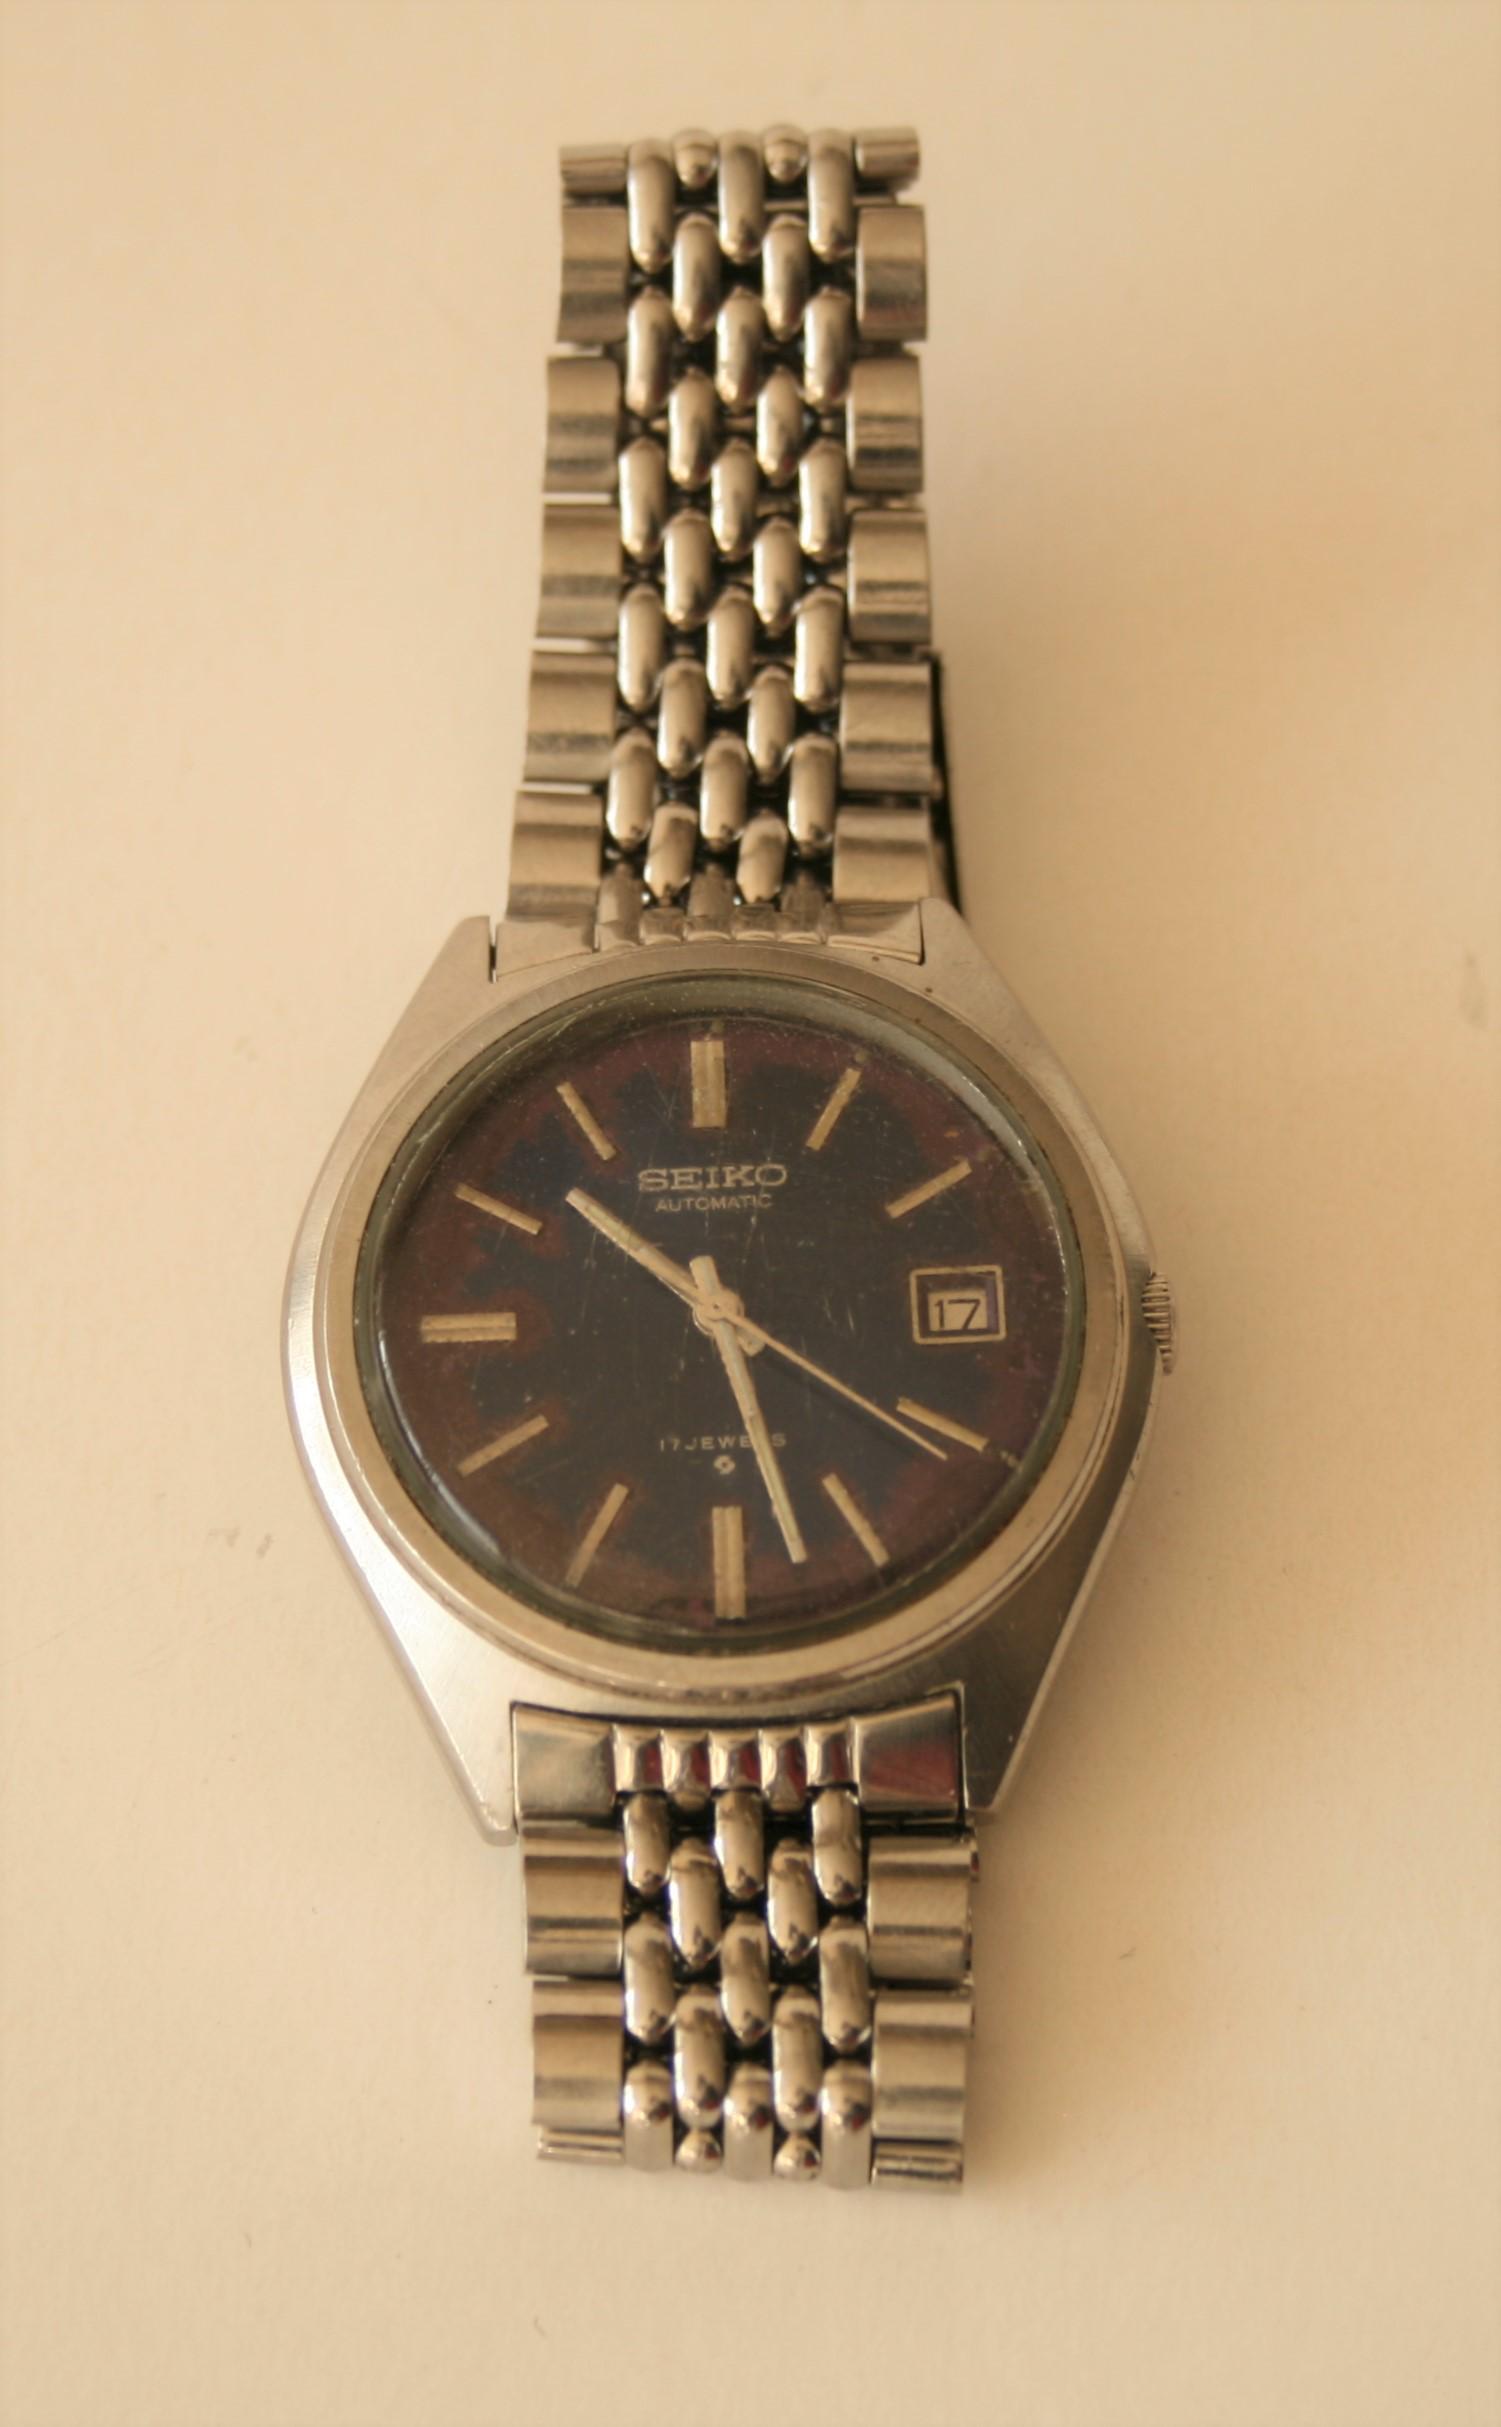 Lot 60 - Montre SEIKO pour homme, Automatic 17 Jewels, B203 6118-8000, années 70, Boîtier en [...]